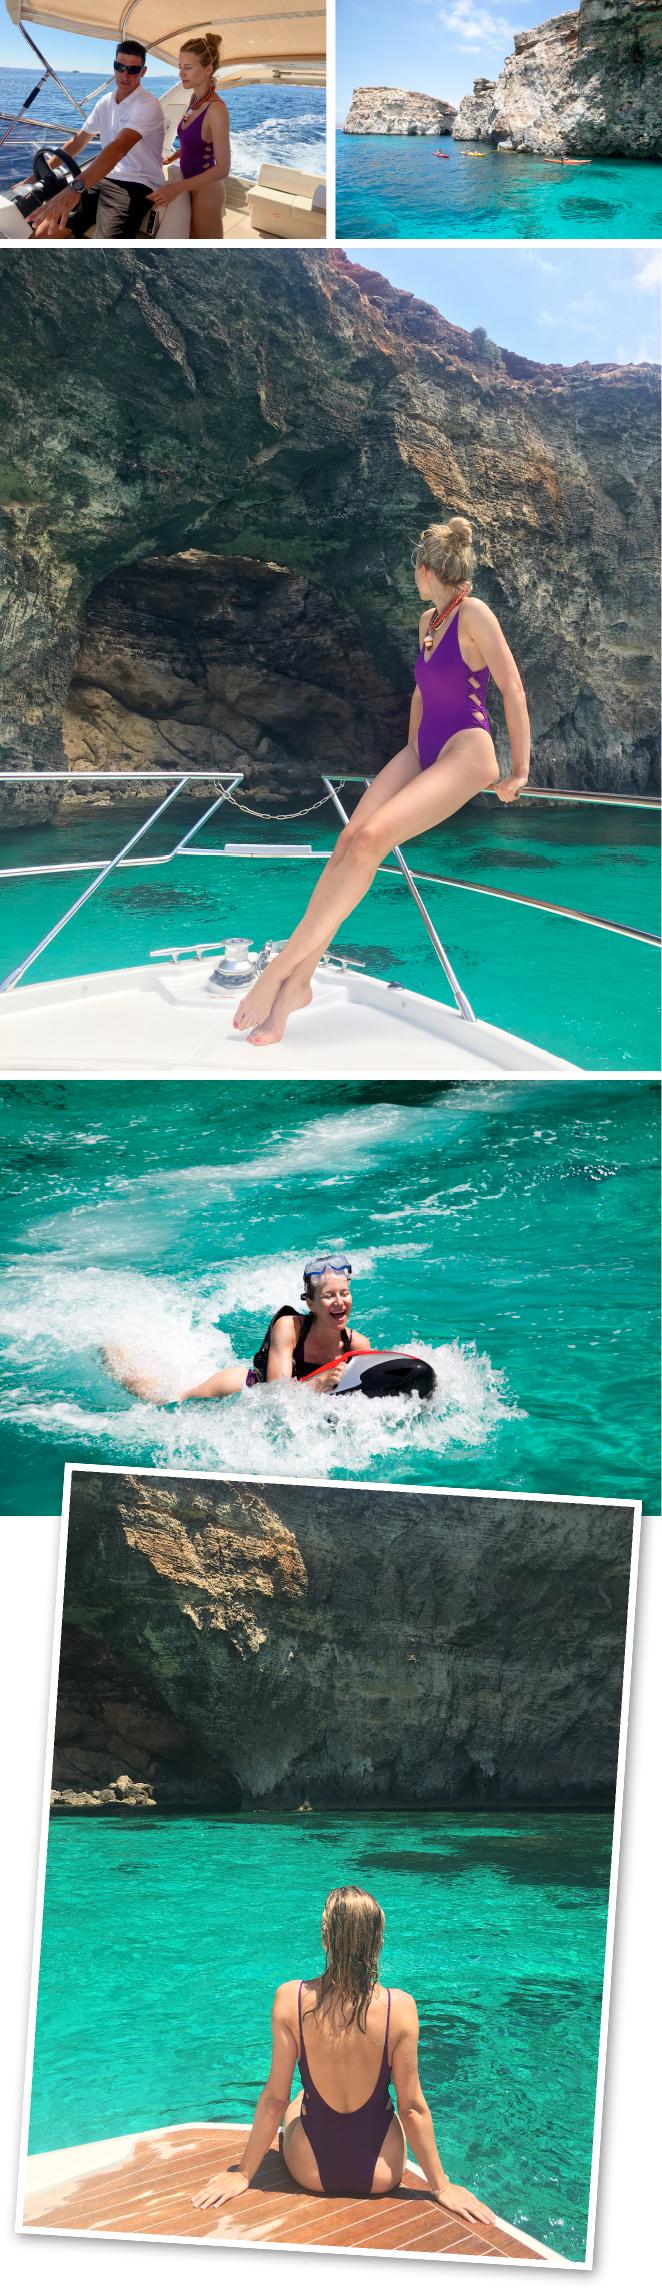 """Excursión en barco a la isla de Comino y de San Pablo para disfrutar de diferentes deportes acuáticos en sus aguas cristalinas. """"Rush Water Sports"""" lo organiza de maravilla."""